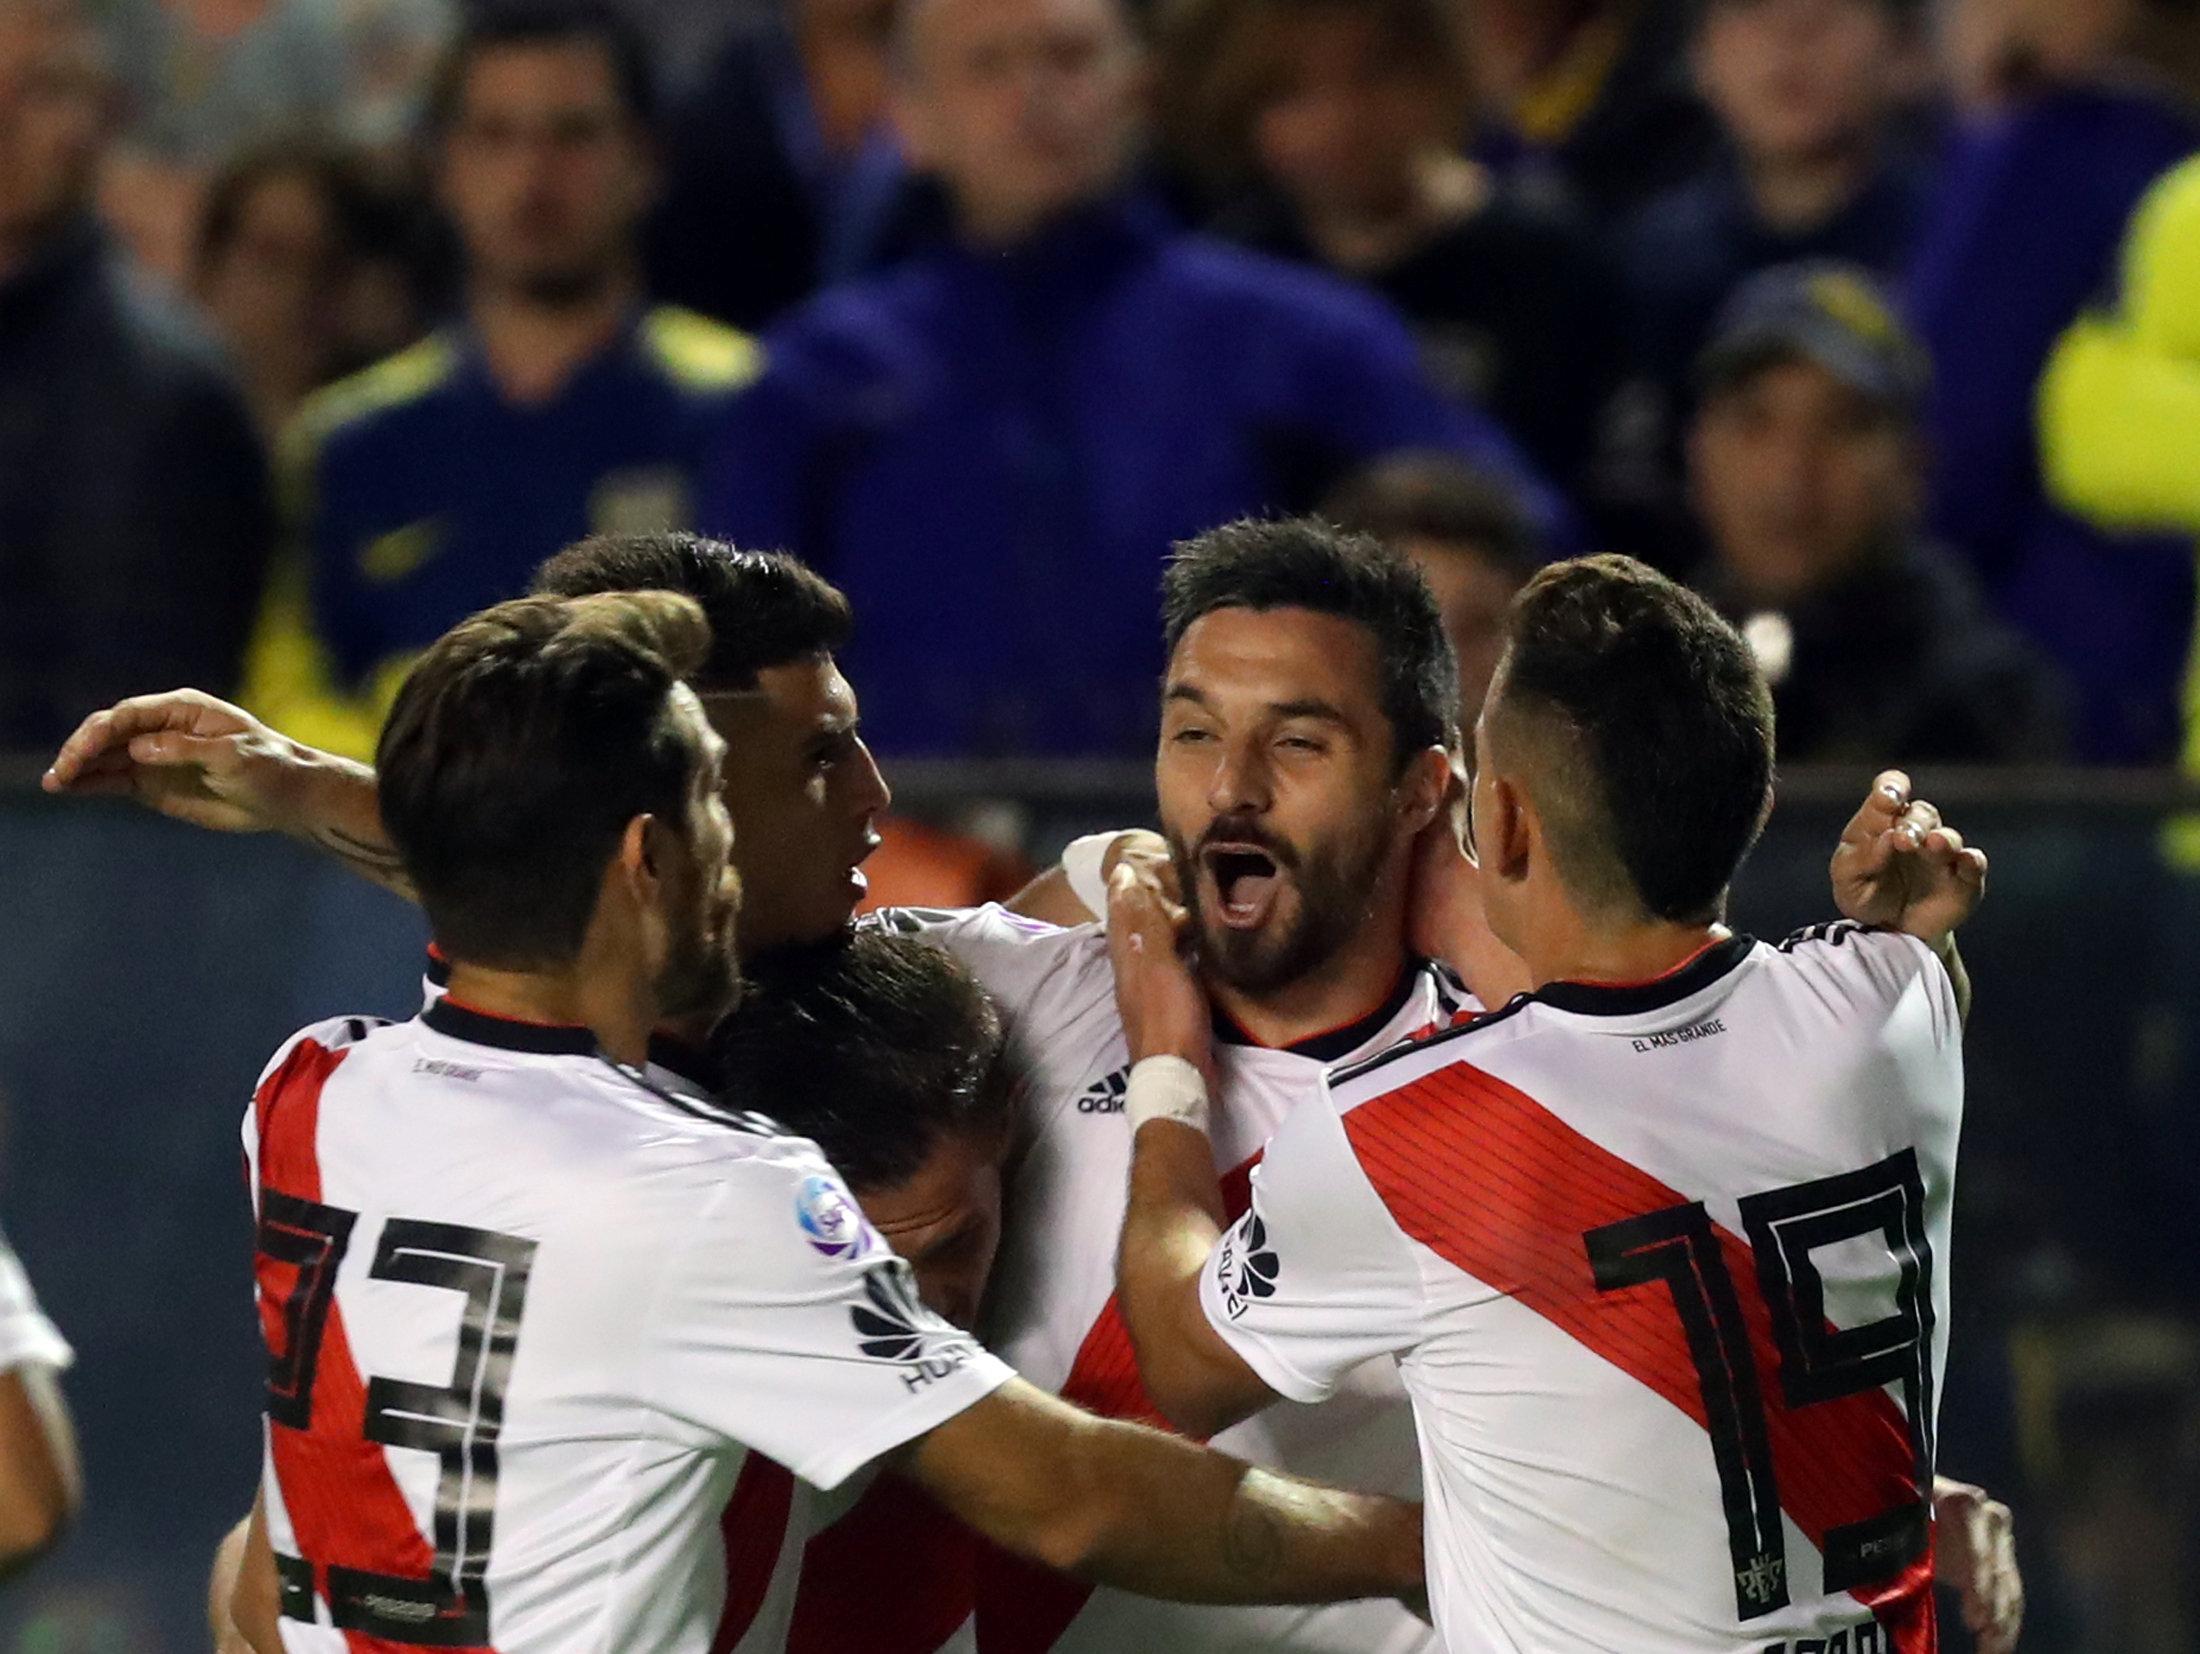 ריבר פלייט ניצחה 0:2 את בוקה ג'וניורס בסופרקלאסיקו של ארגנטינה